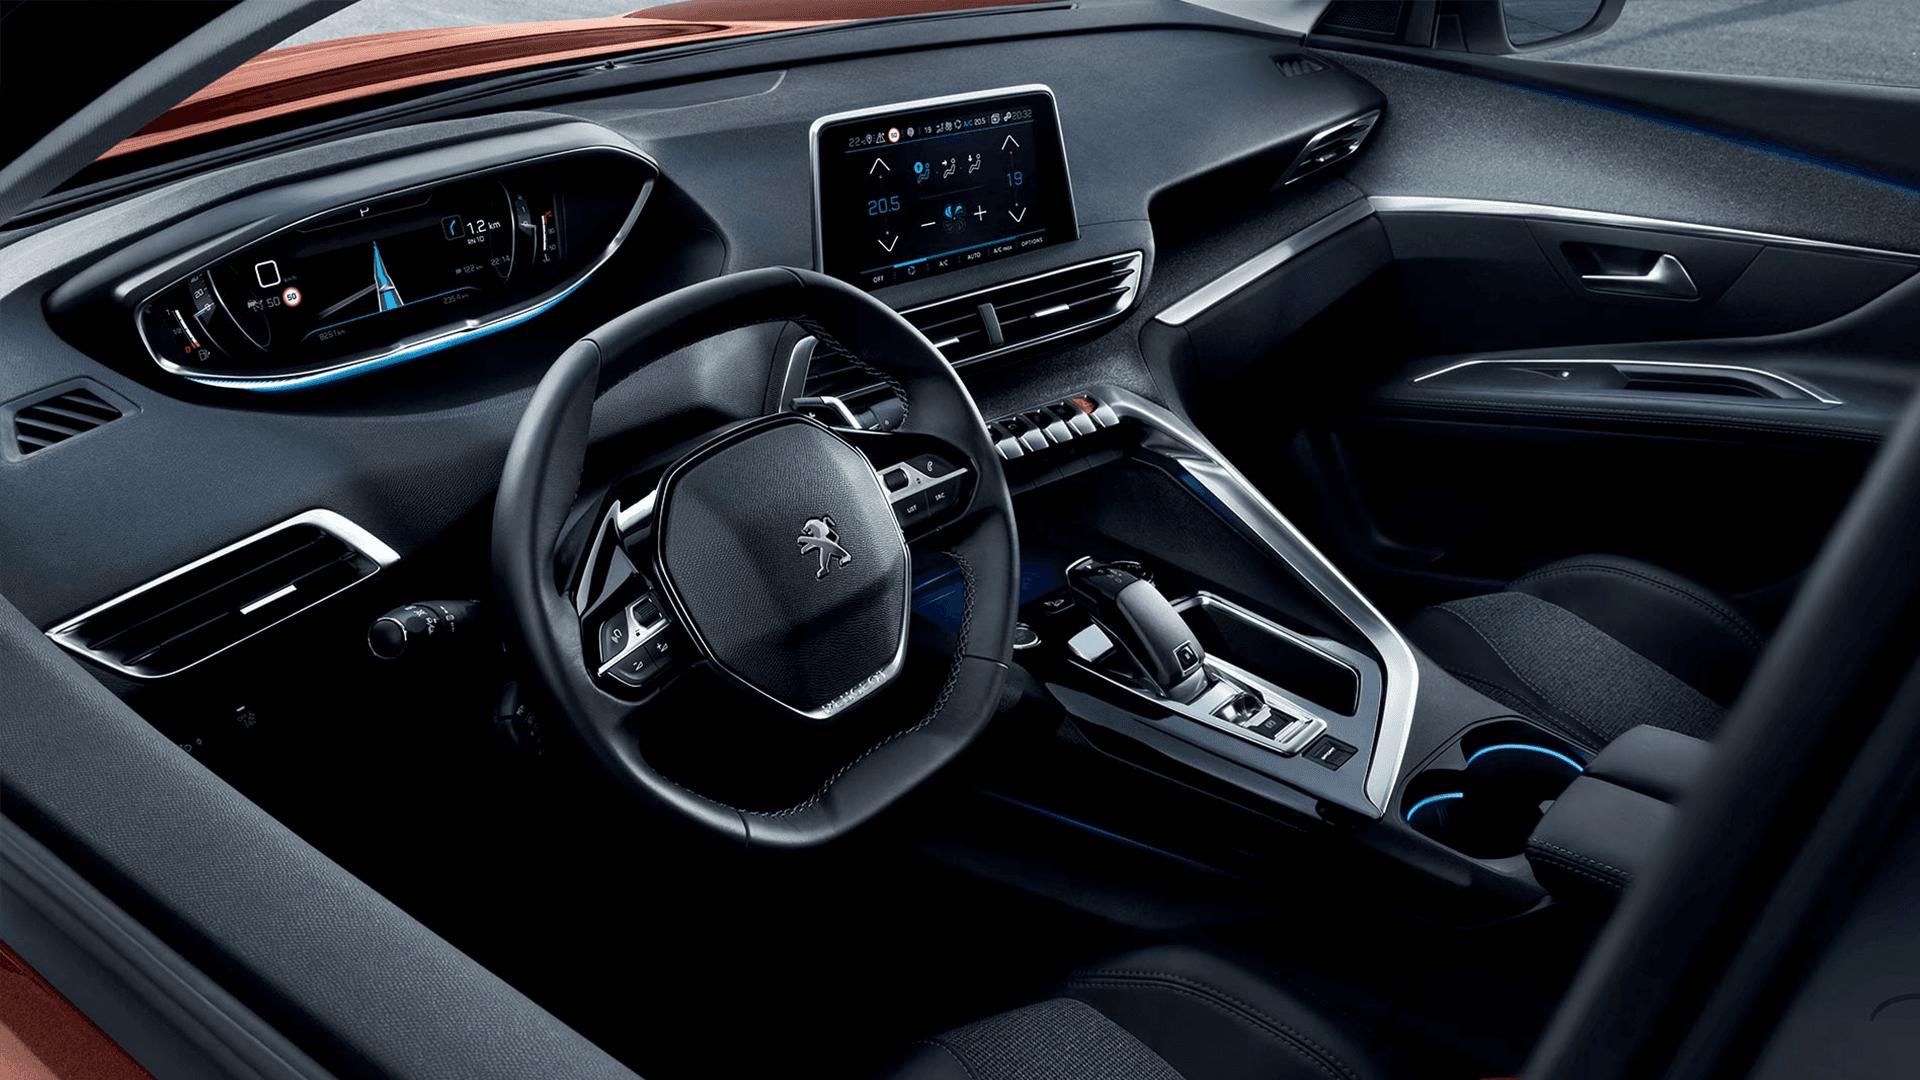 El nuevo SUV Peugeot 3008, galardonado con el Gran Premio al Interior más Bello 2016